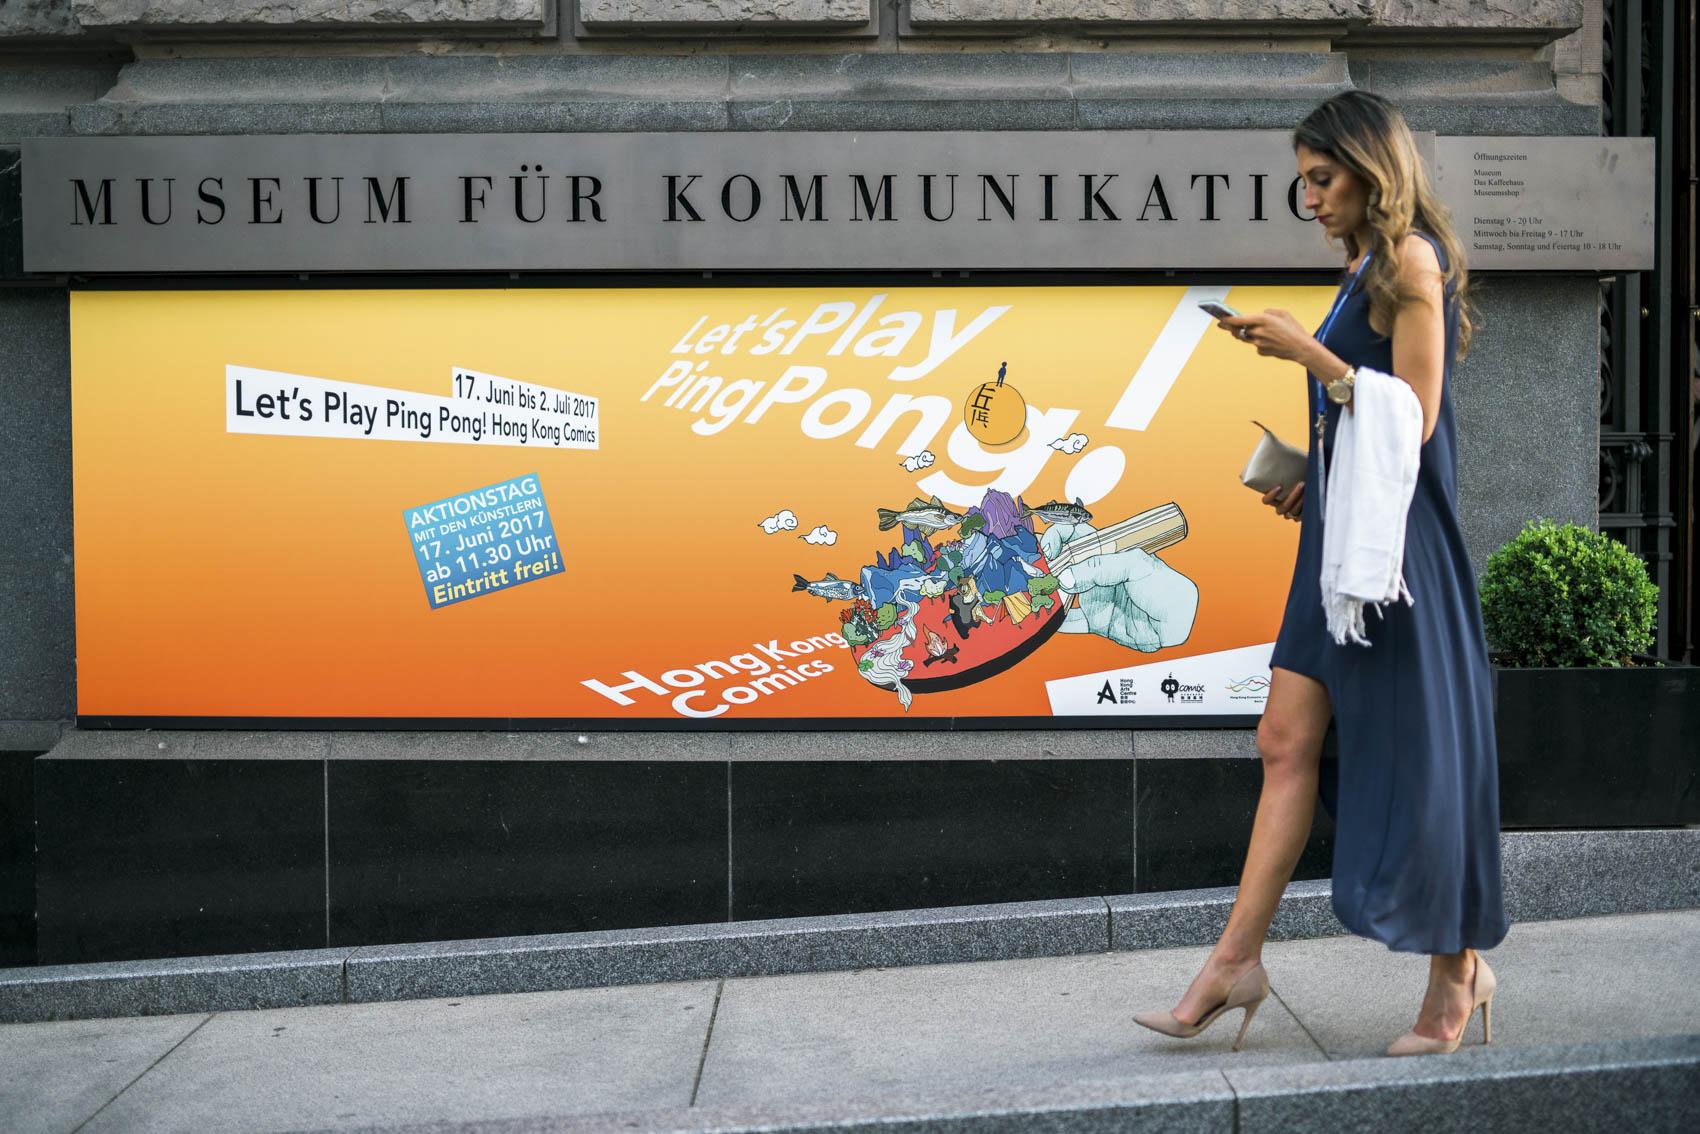 Referenzen Eventfotografie: Kundenevent im Museum für Kommunikation